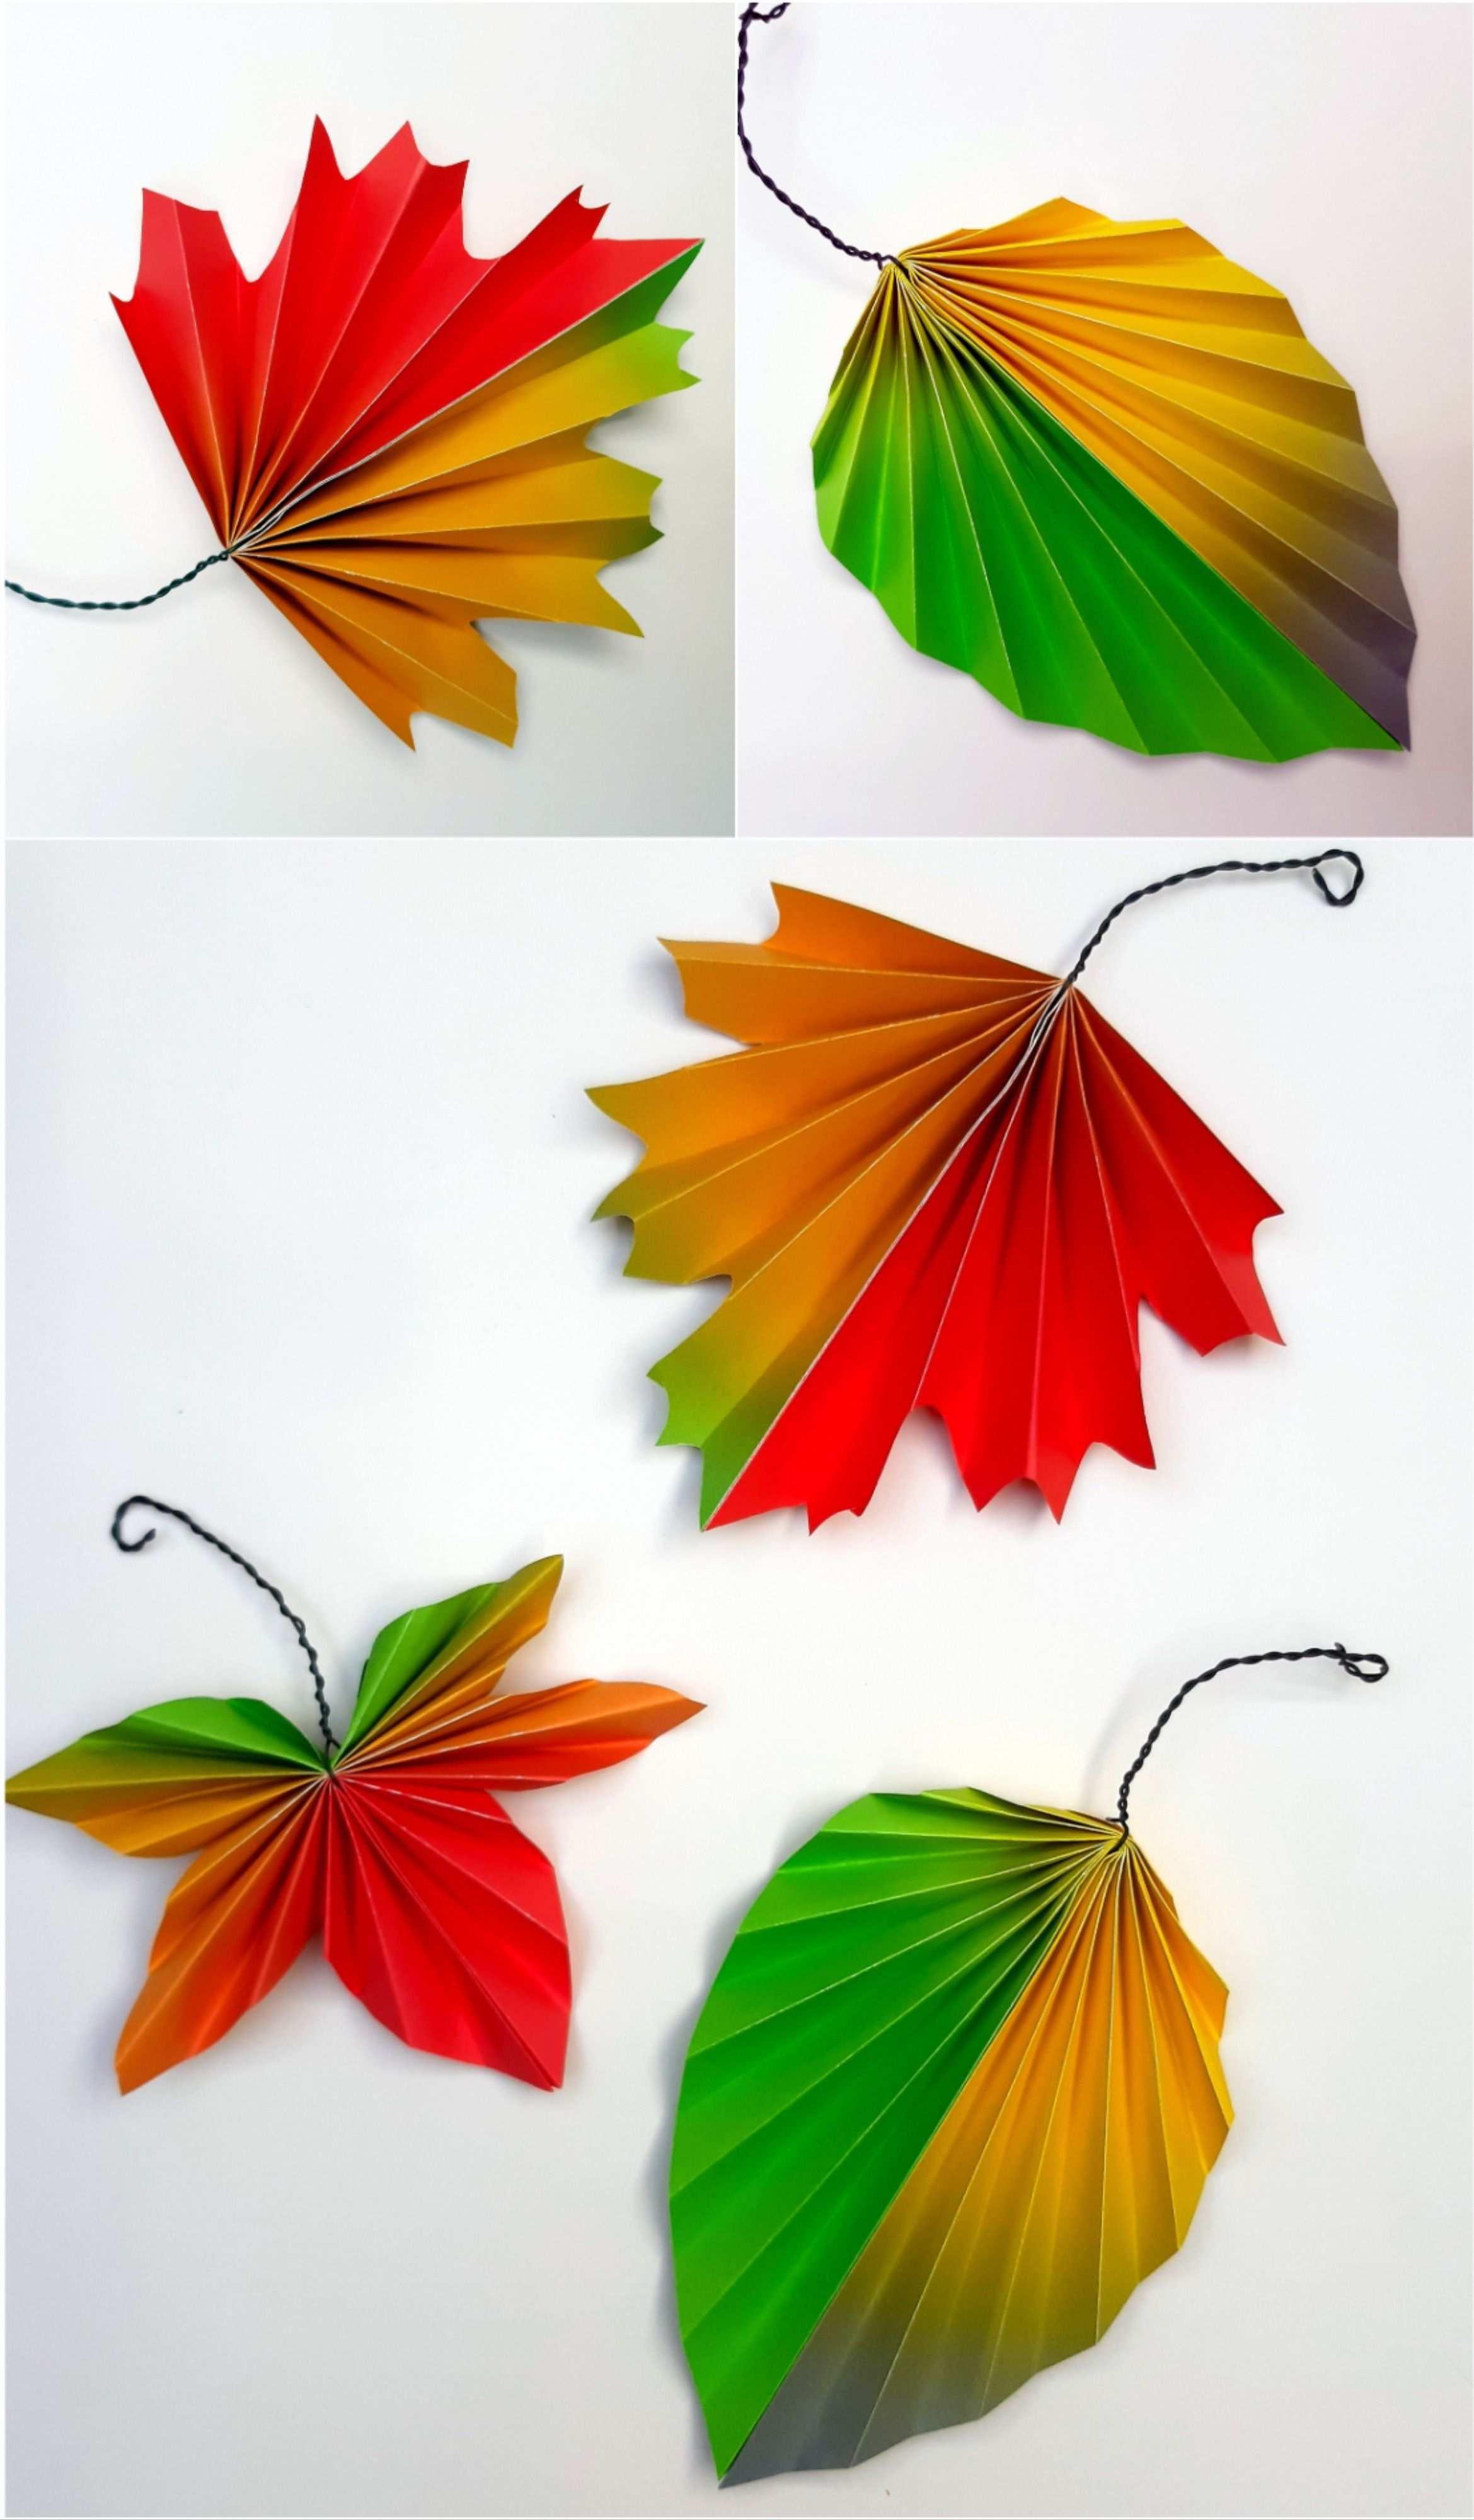 Faltblatter Aus Regenbogenpapier Eine Idee Aus Der Buntpapierwelt De Basteln Mit Papier Herbst Basteln Mit Papier Origami Herbstdeko Basteln Naturmaterialien